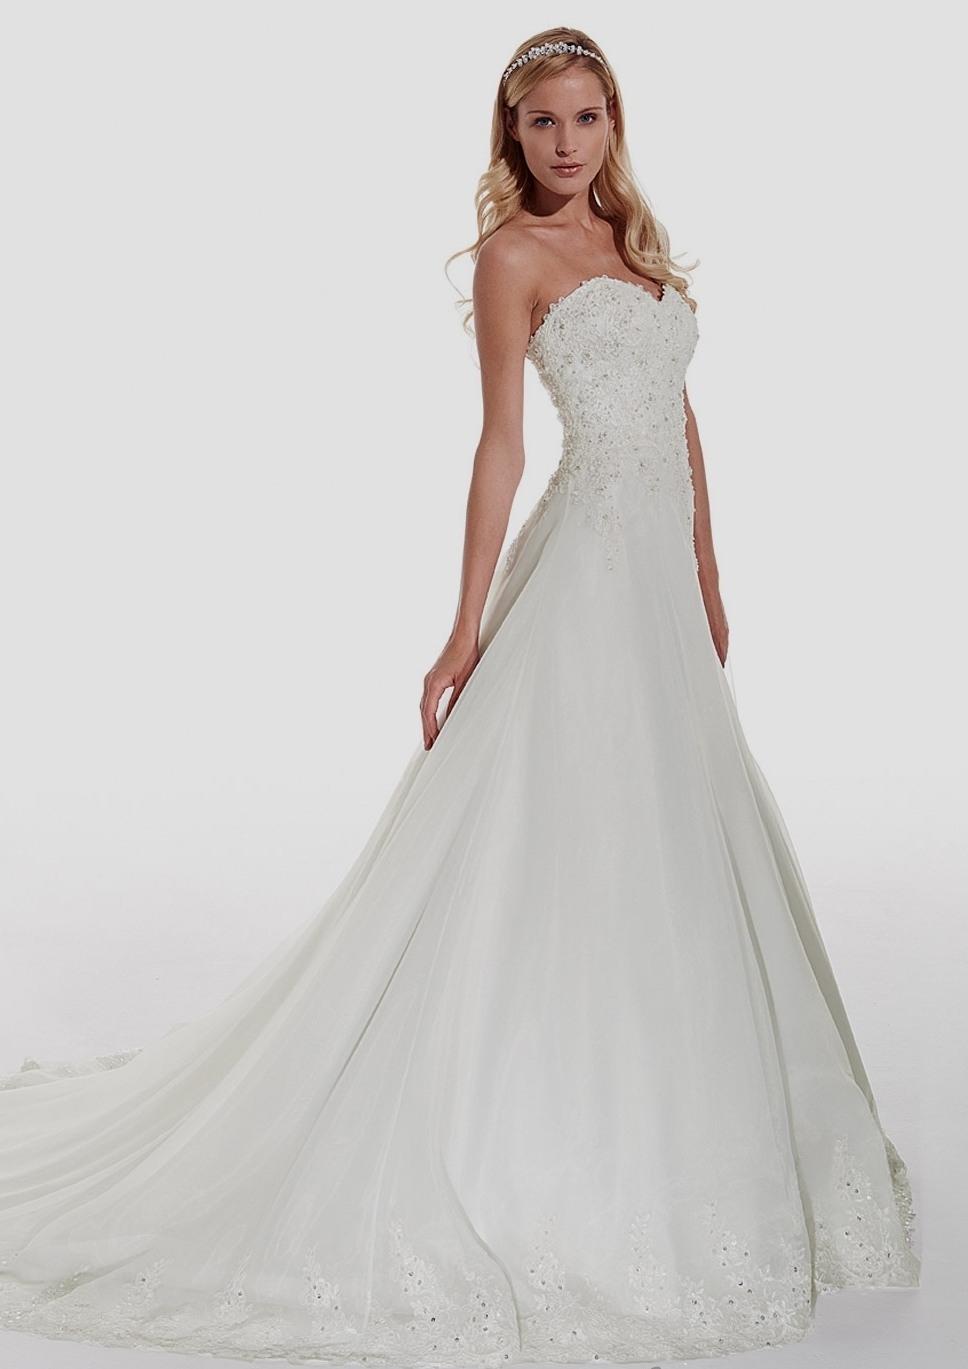 Abend Perfekt Brautkleid Mieten Ärmel17 Fantastisch Brautkleid Mieten Vertrieb